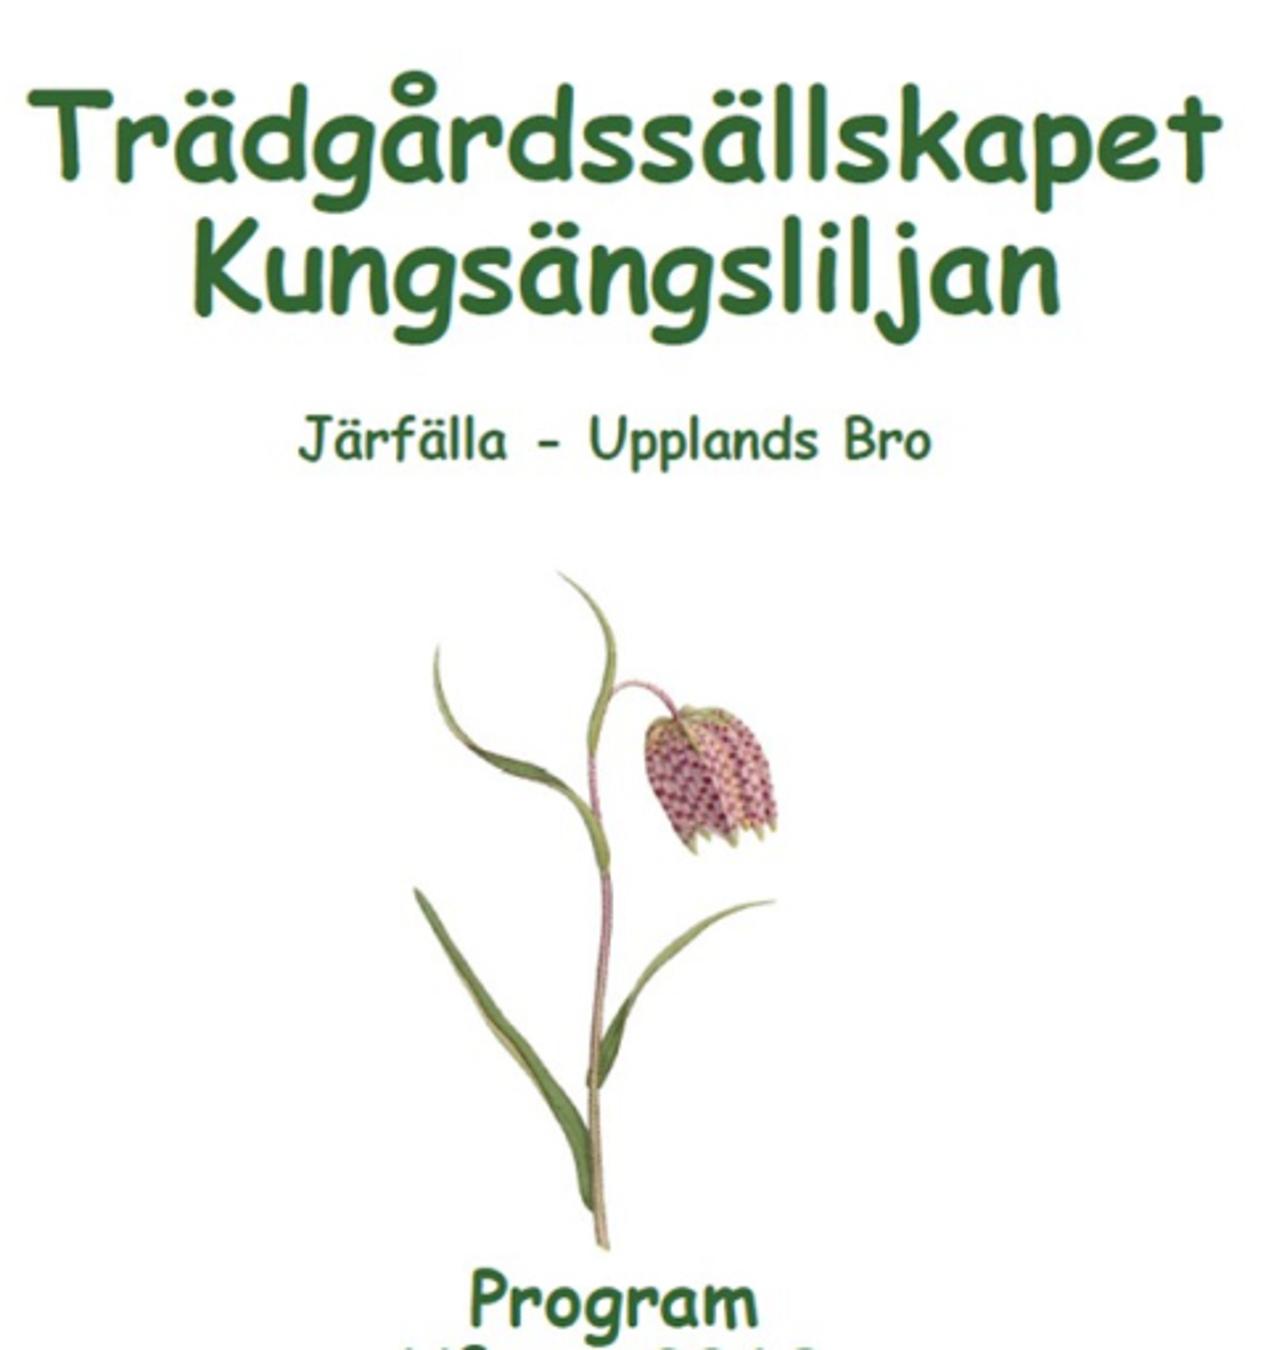 Program hösten 2019